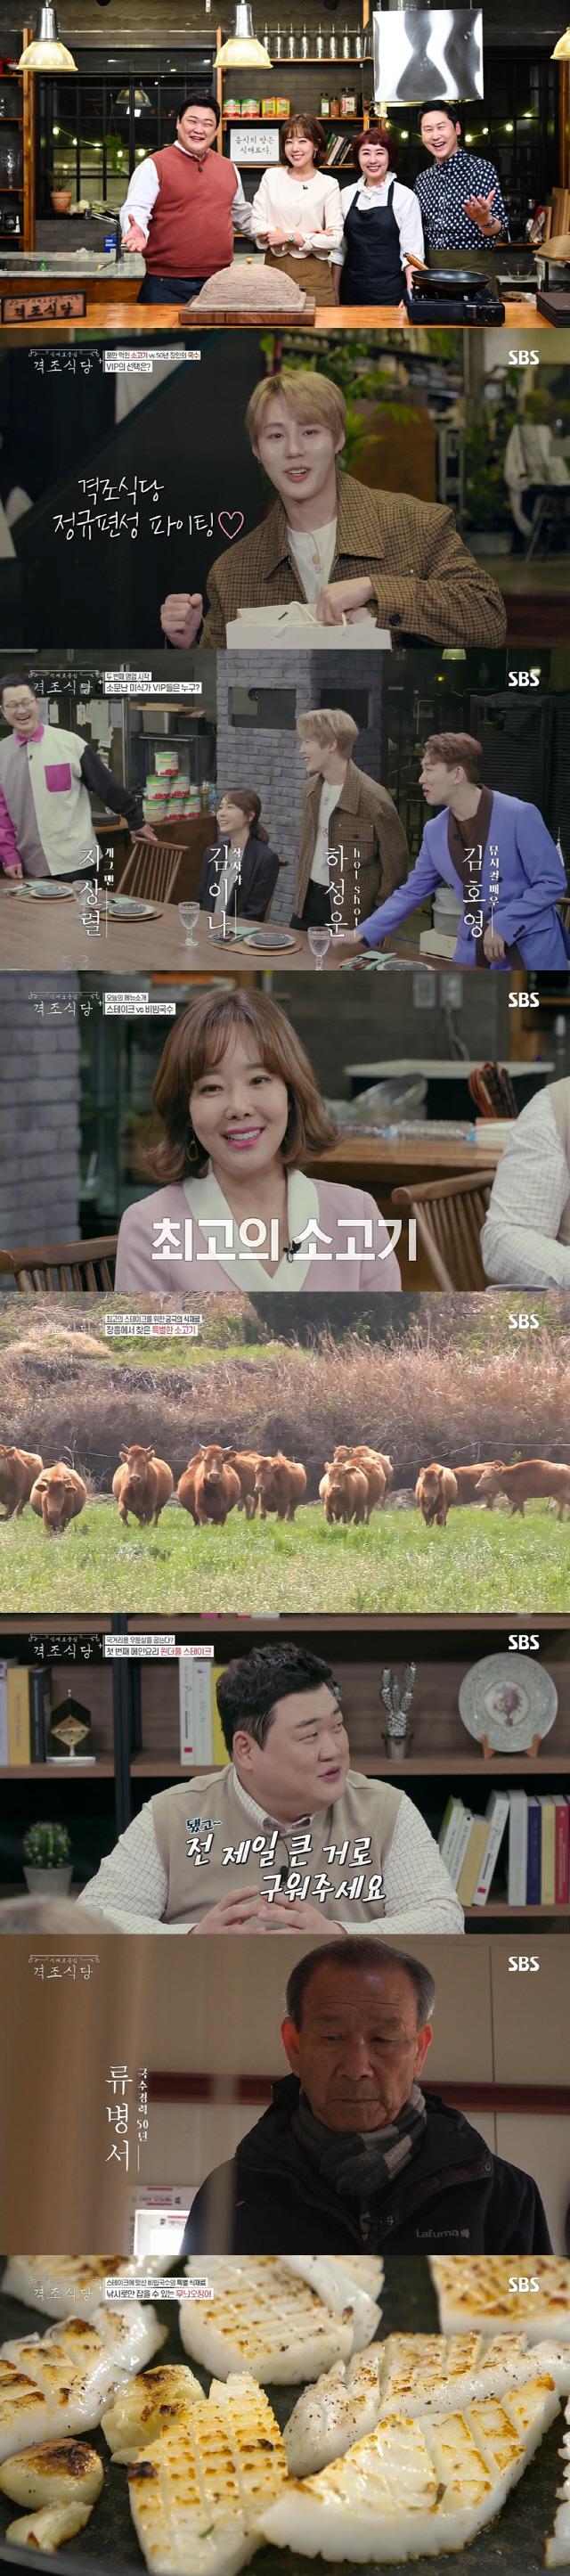 '격조식당' 신동엽, '하성운, 미식의 꿈나무, 아이돌계 먹선수'